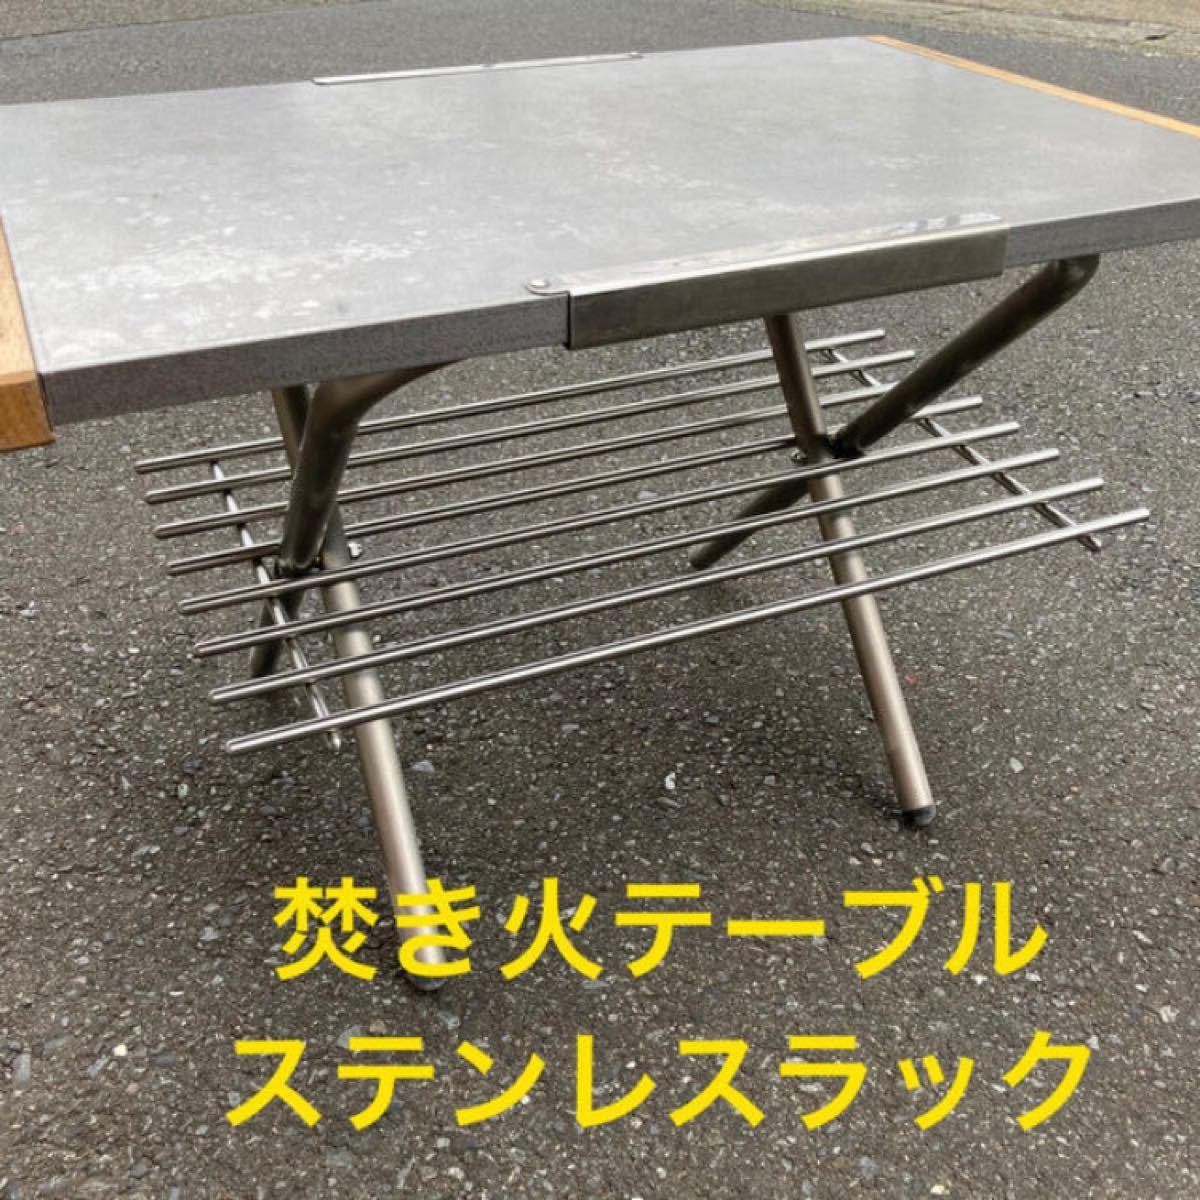 焚き火テーブル用 ステンレスラック